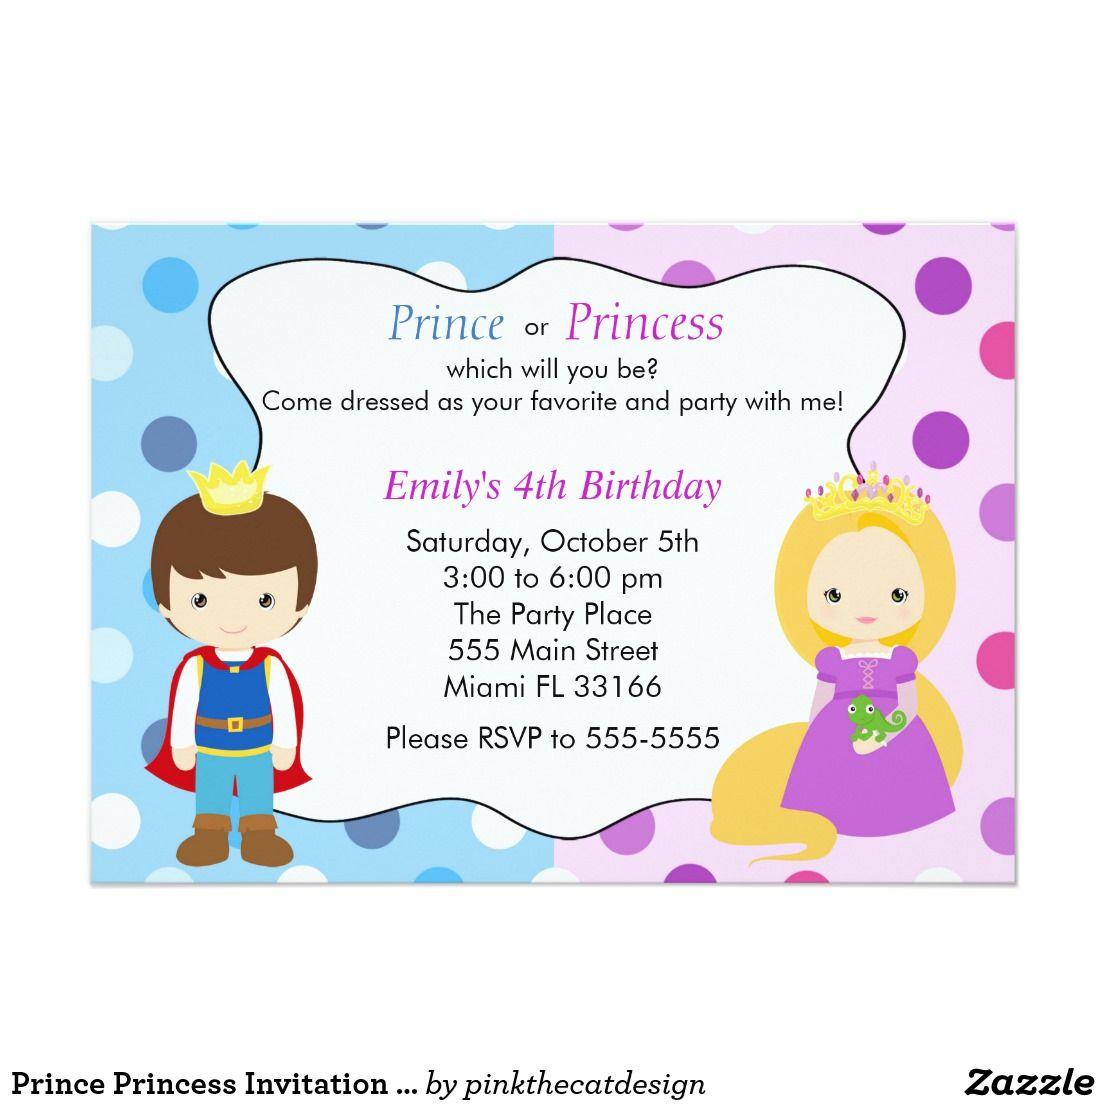 Prince Princess Invitation Kids Birthday Party | Princess ...